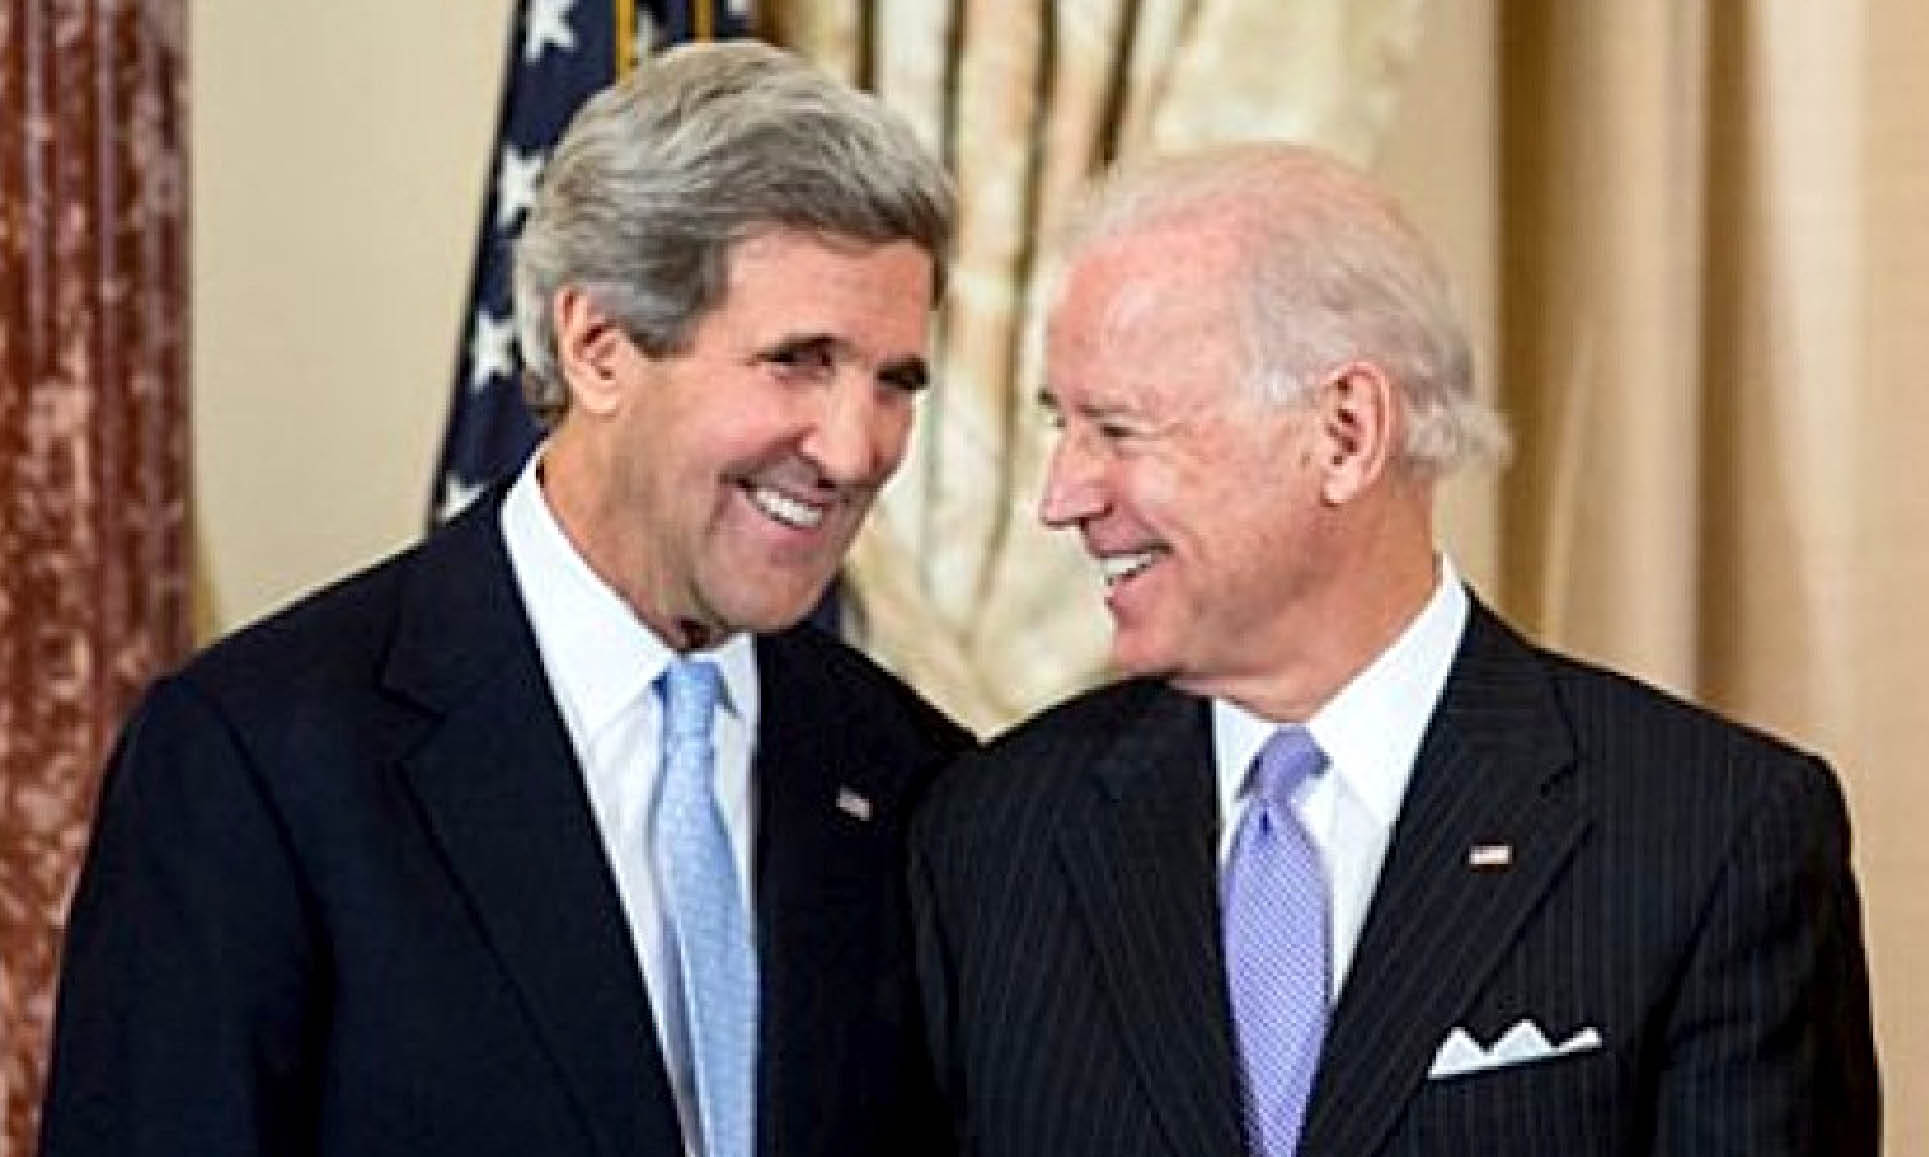 """UKRAINEGATE: SCOTTANTE """"MEMO"""" ACCUSA BIDEN E KERRY, già vice e segretario di Obama. Kiev riavvia l'inchiesta"""